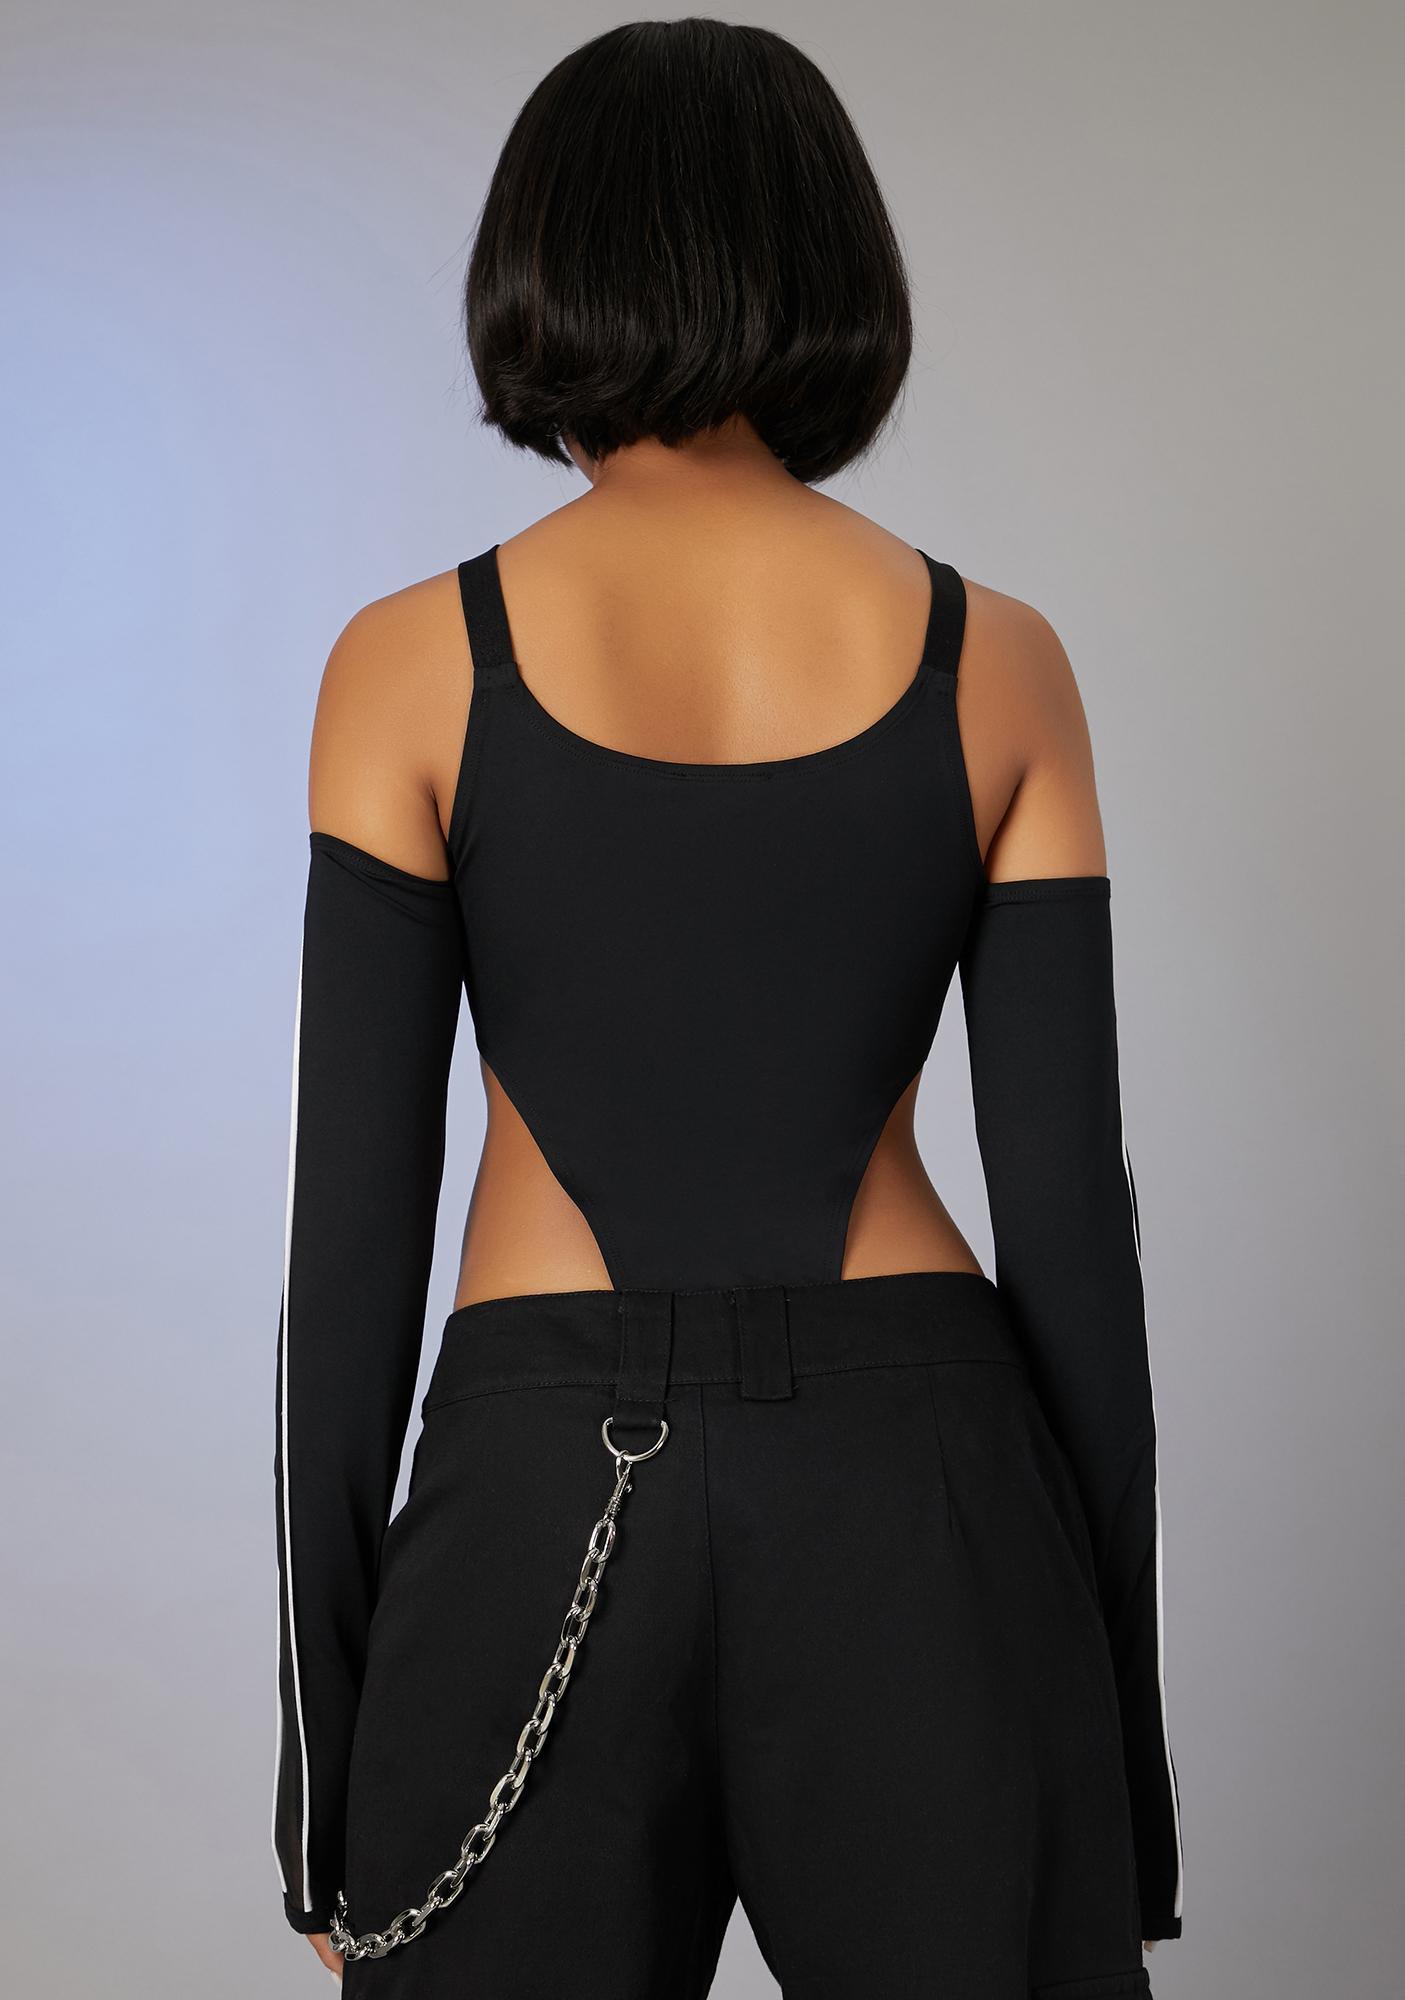 Poster Grl Jetsetter Diva Cut-Out Bodysuit